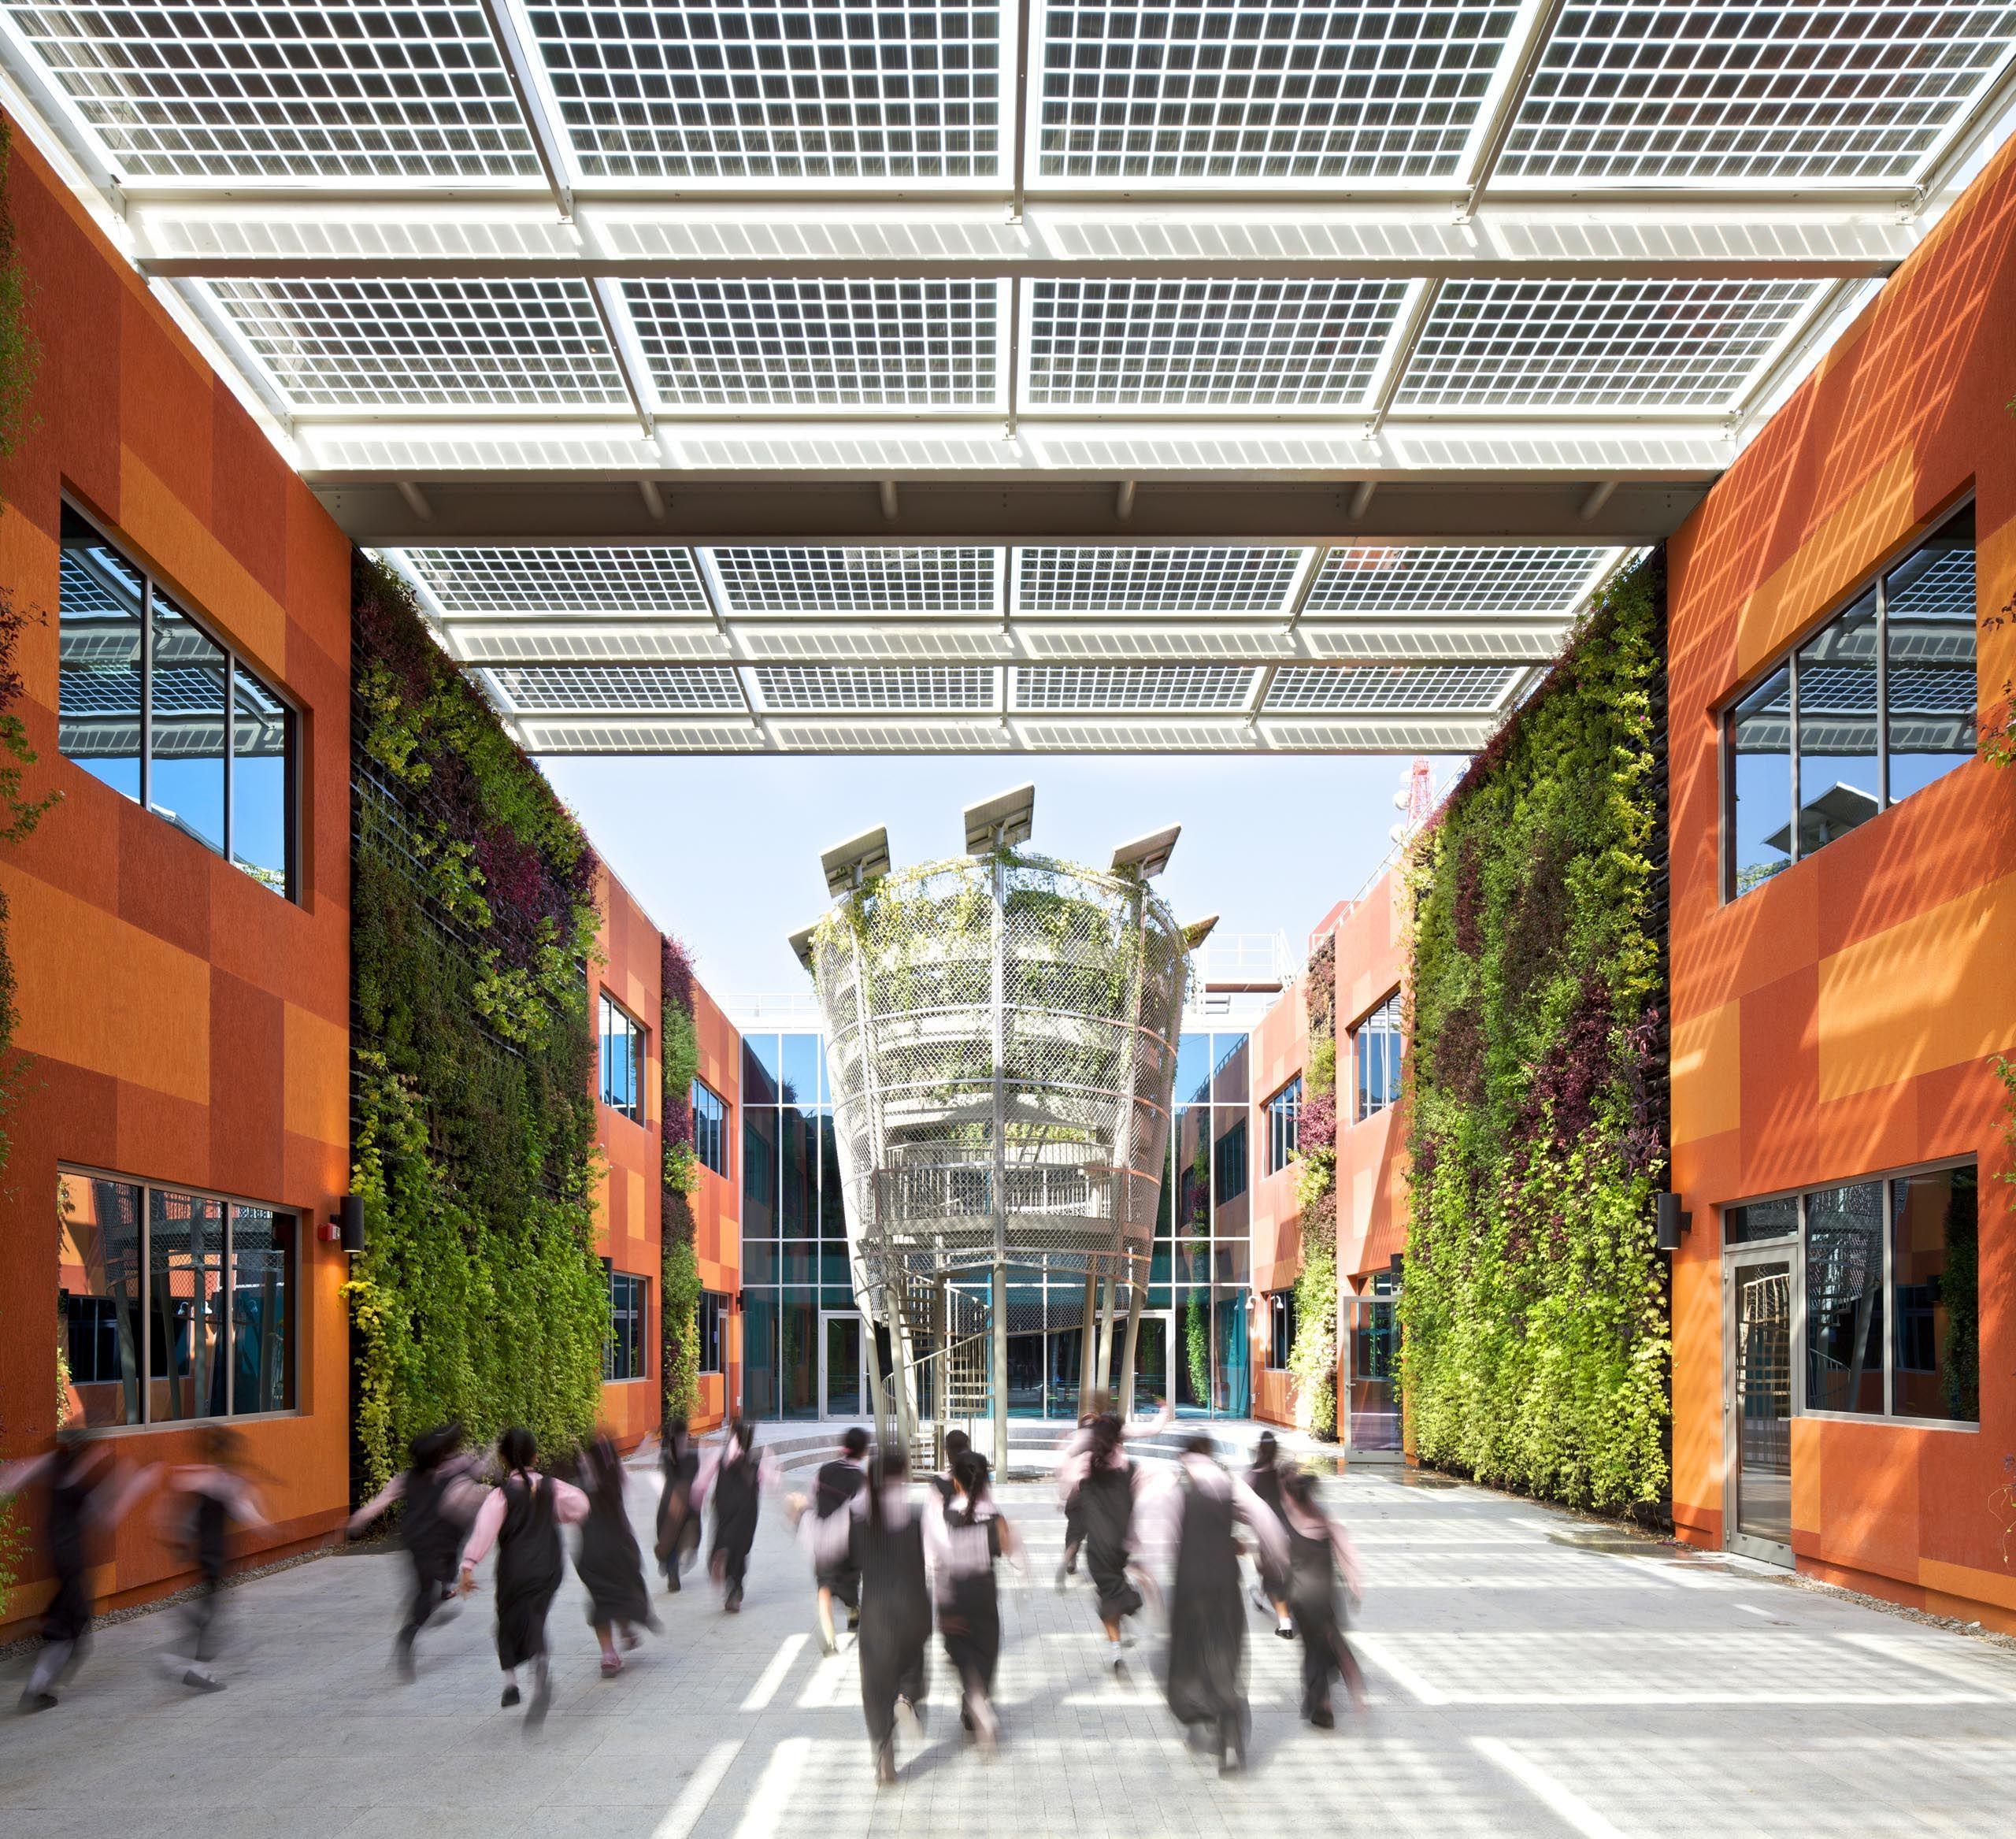 ADEC School Abu Dhabi